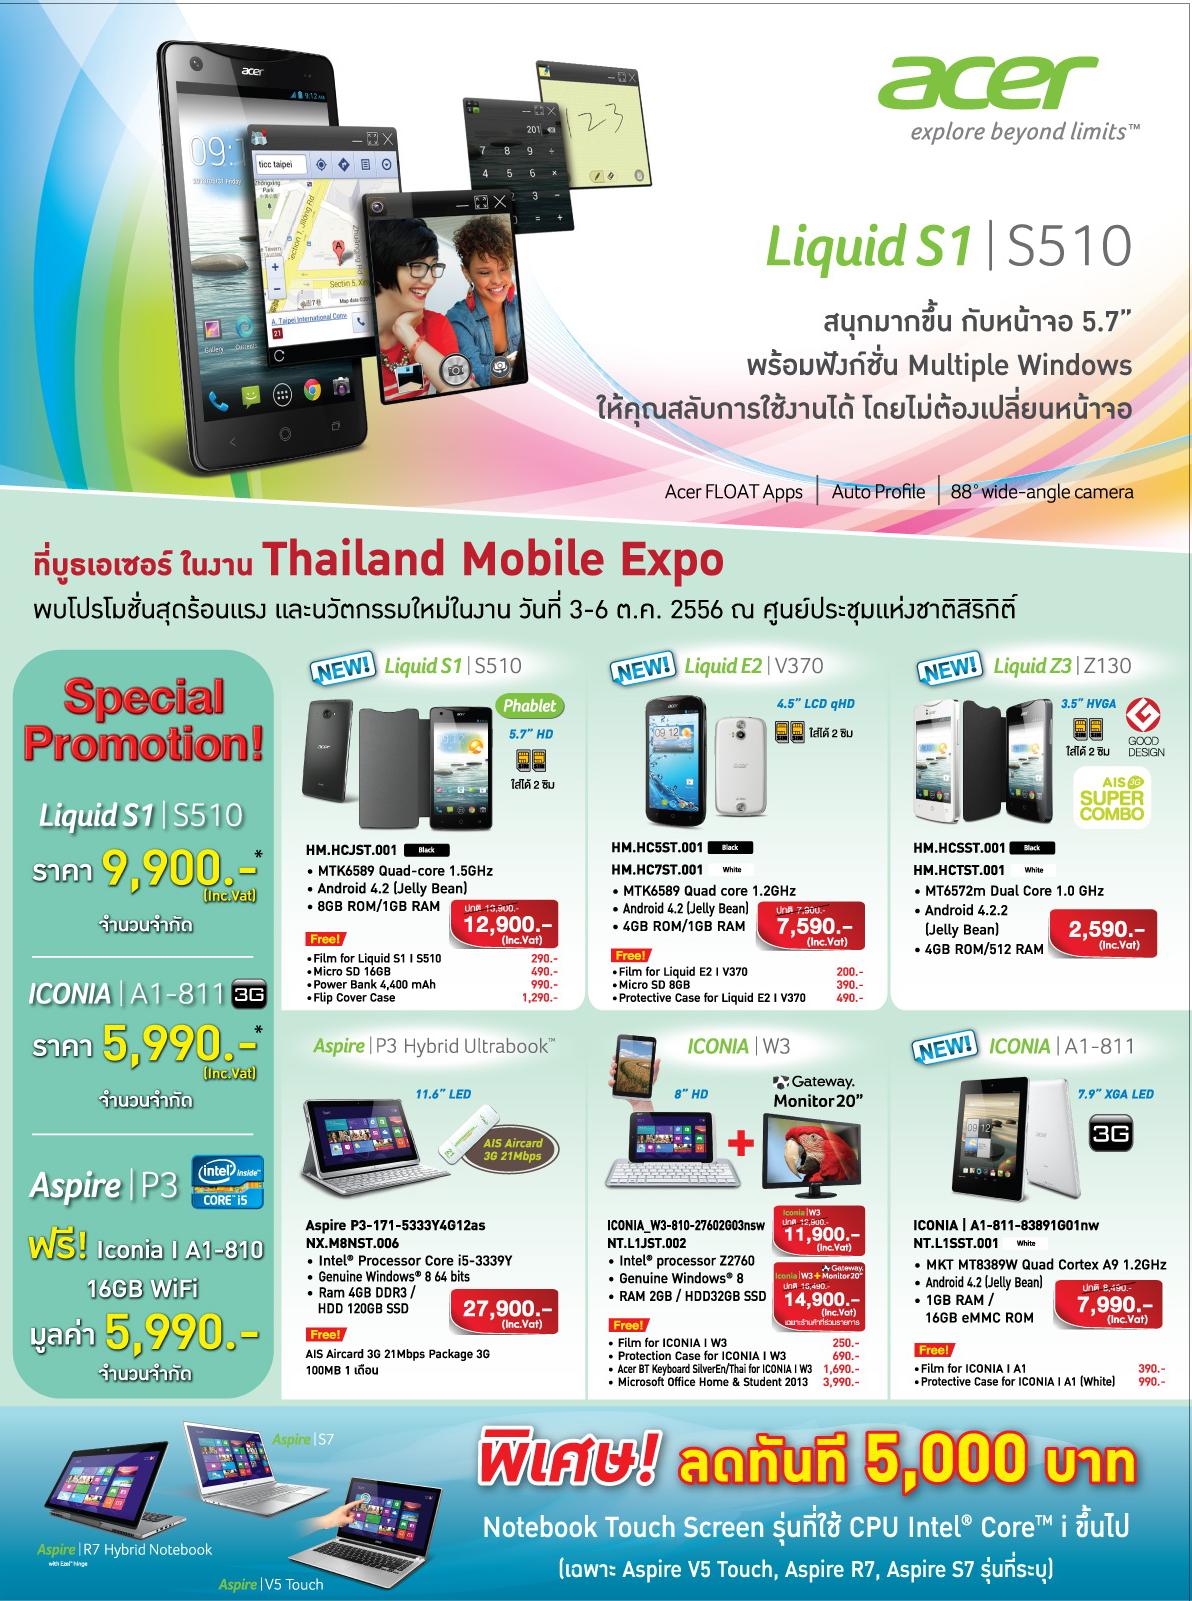 โบรชัวร์โปรโมชัน Acer ในงาน Thailand Mobile Expo 2013 Showcase (TME 2013)